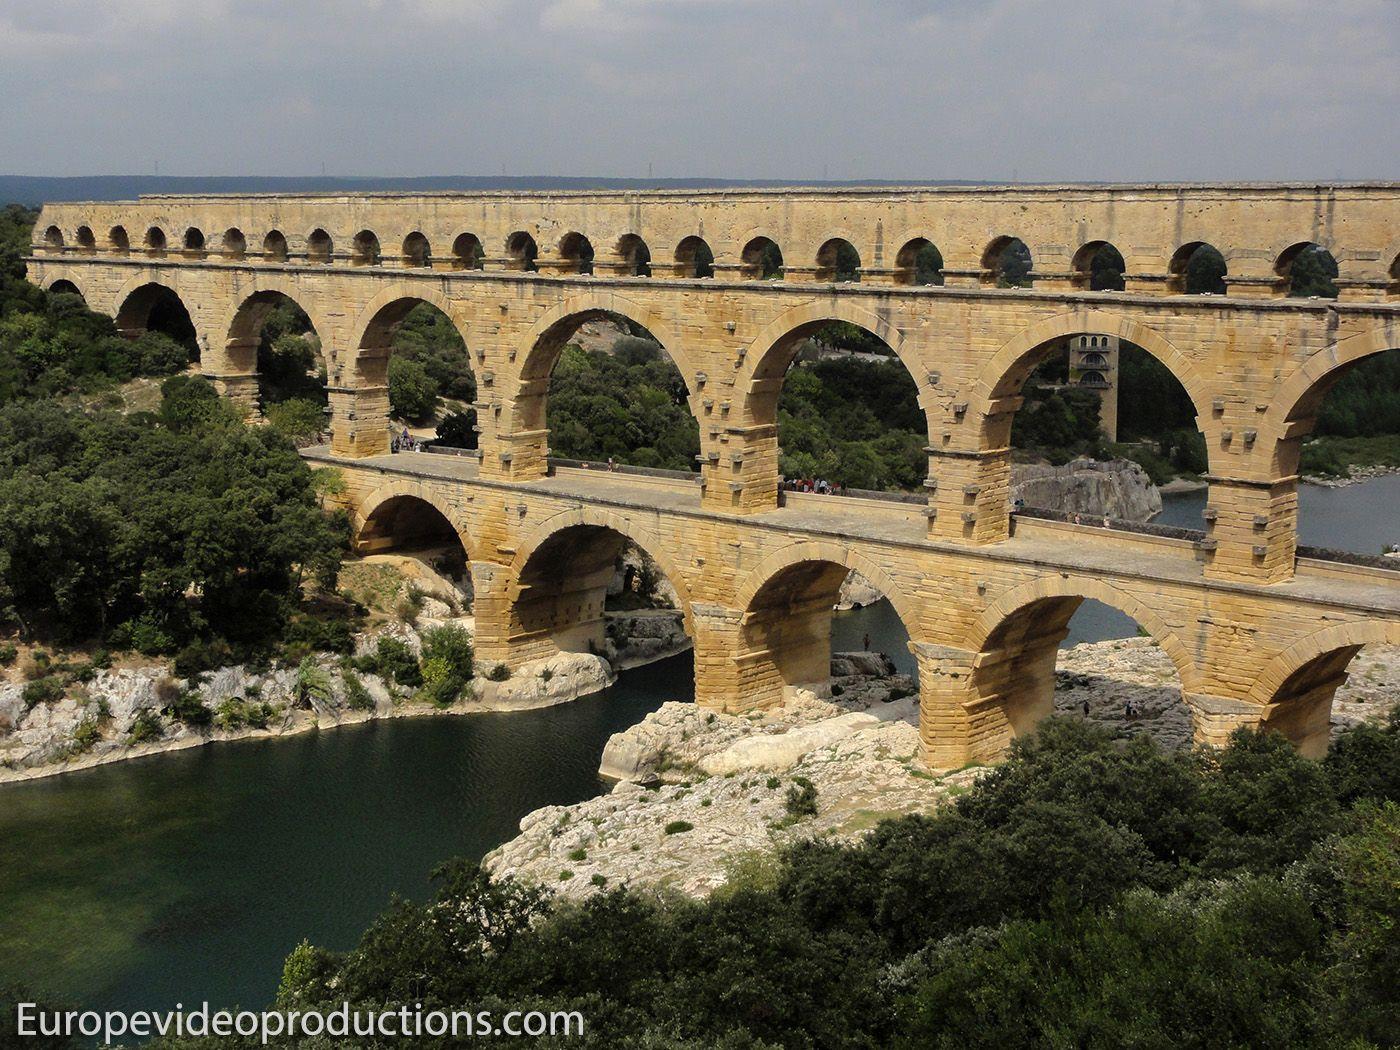 Acueducto romano Pont du Gard en Languedoc-Rosellón en Francia